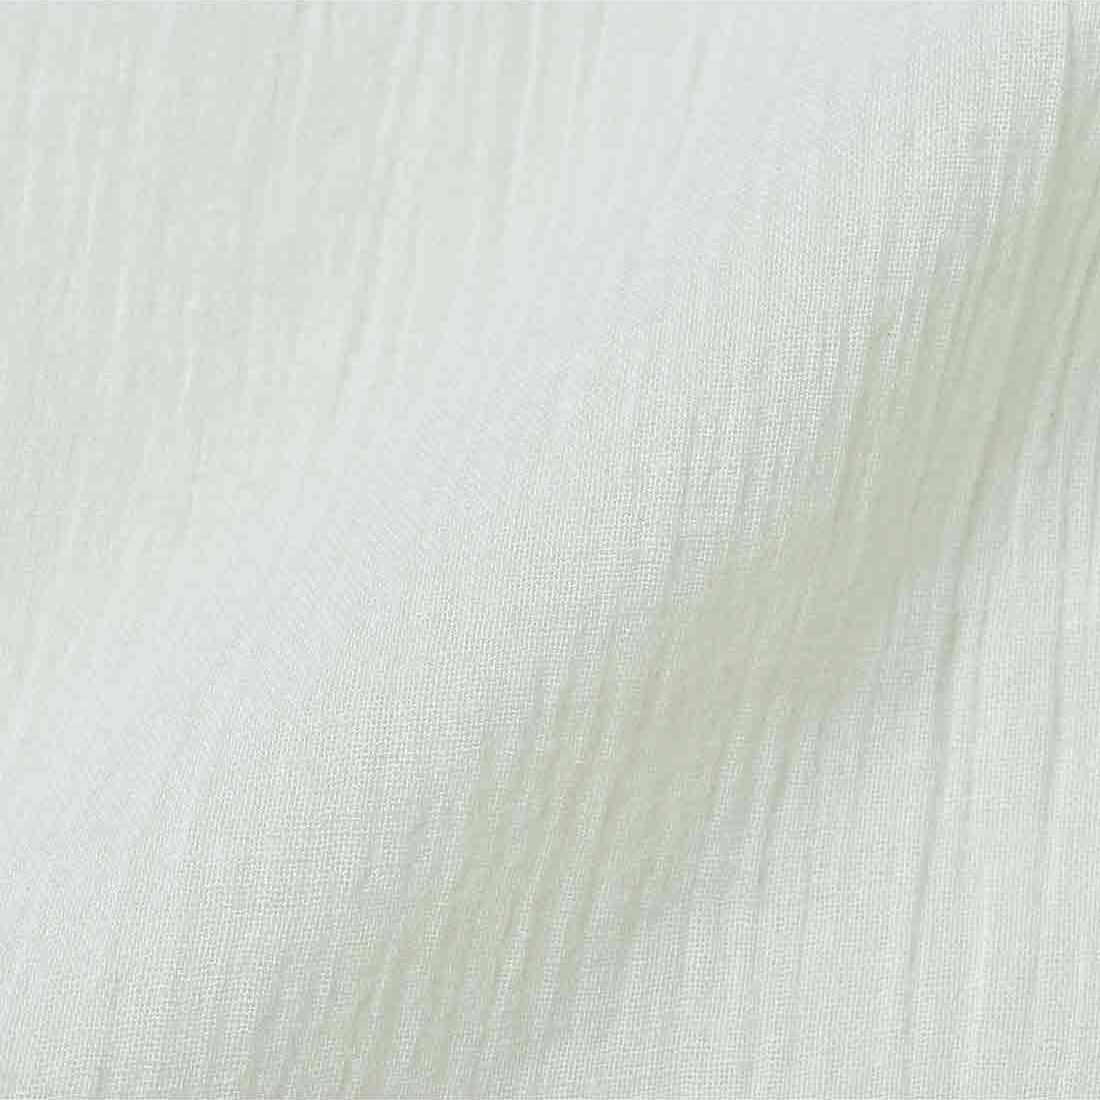 肌ざわりのやさしい素材。凹凸のある表面感で肌にはりつきにくく、快適な着け心地。